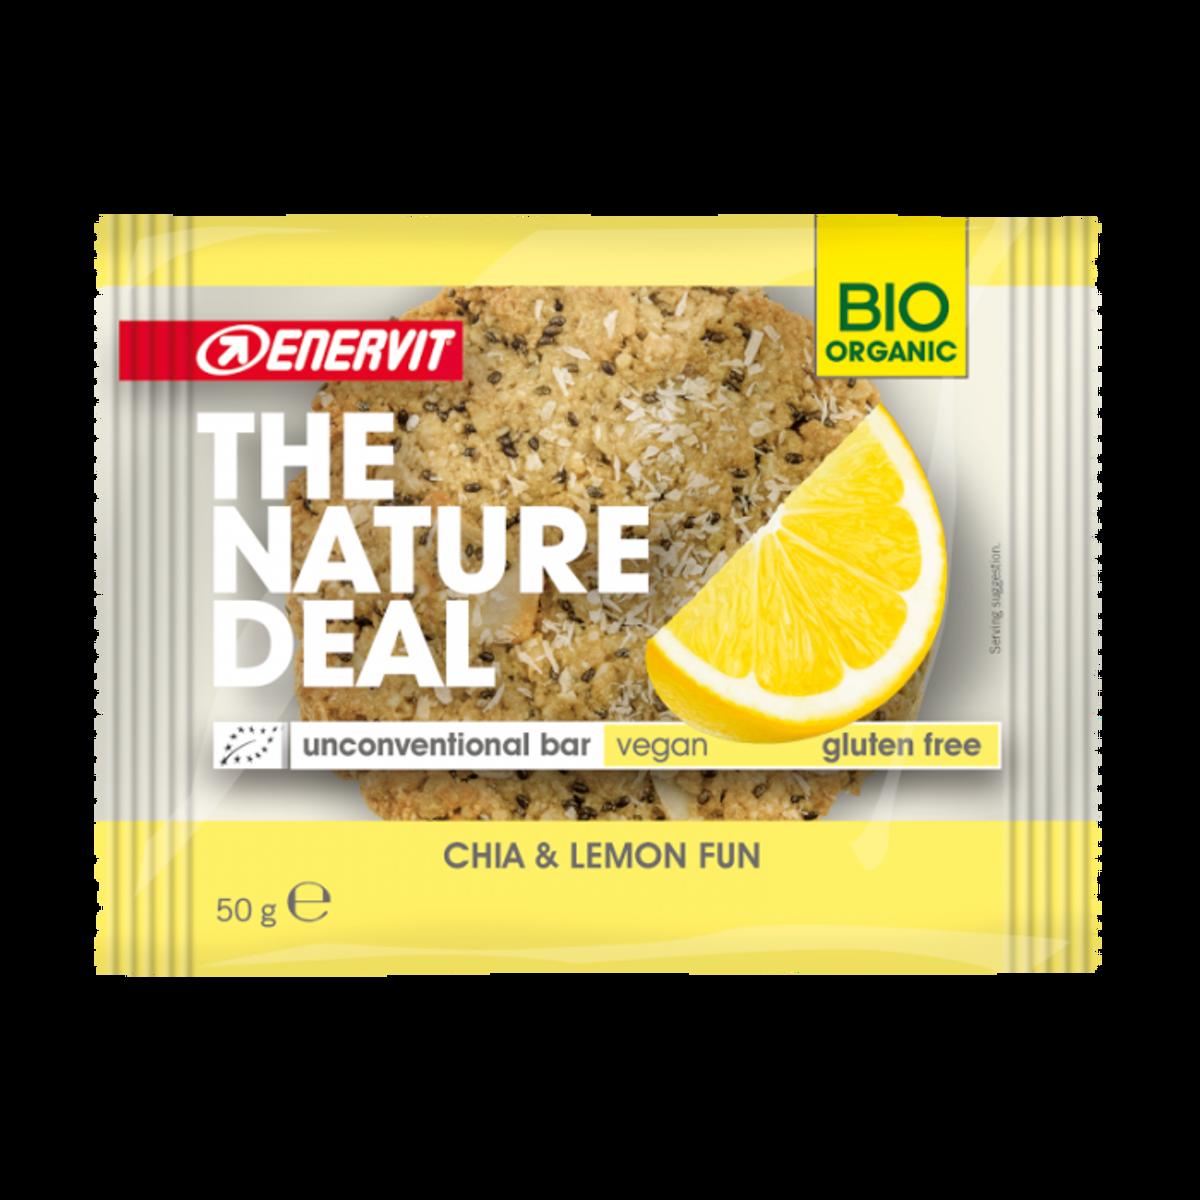 Økologisk cookie med chia og sitron 50g / Enervit - The Natural